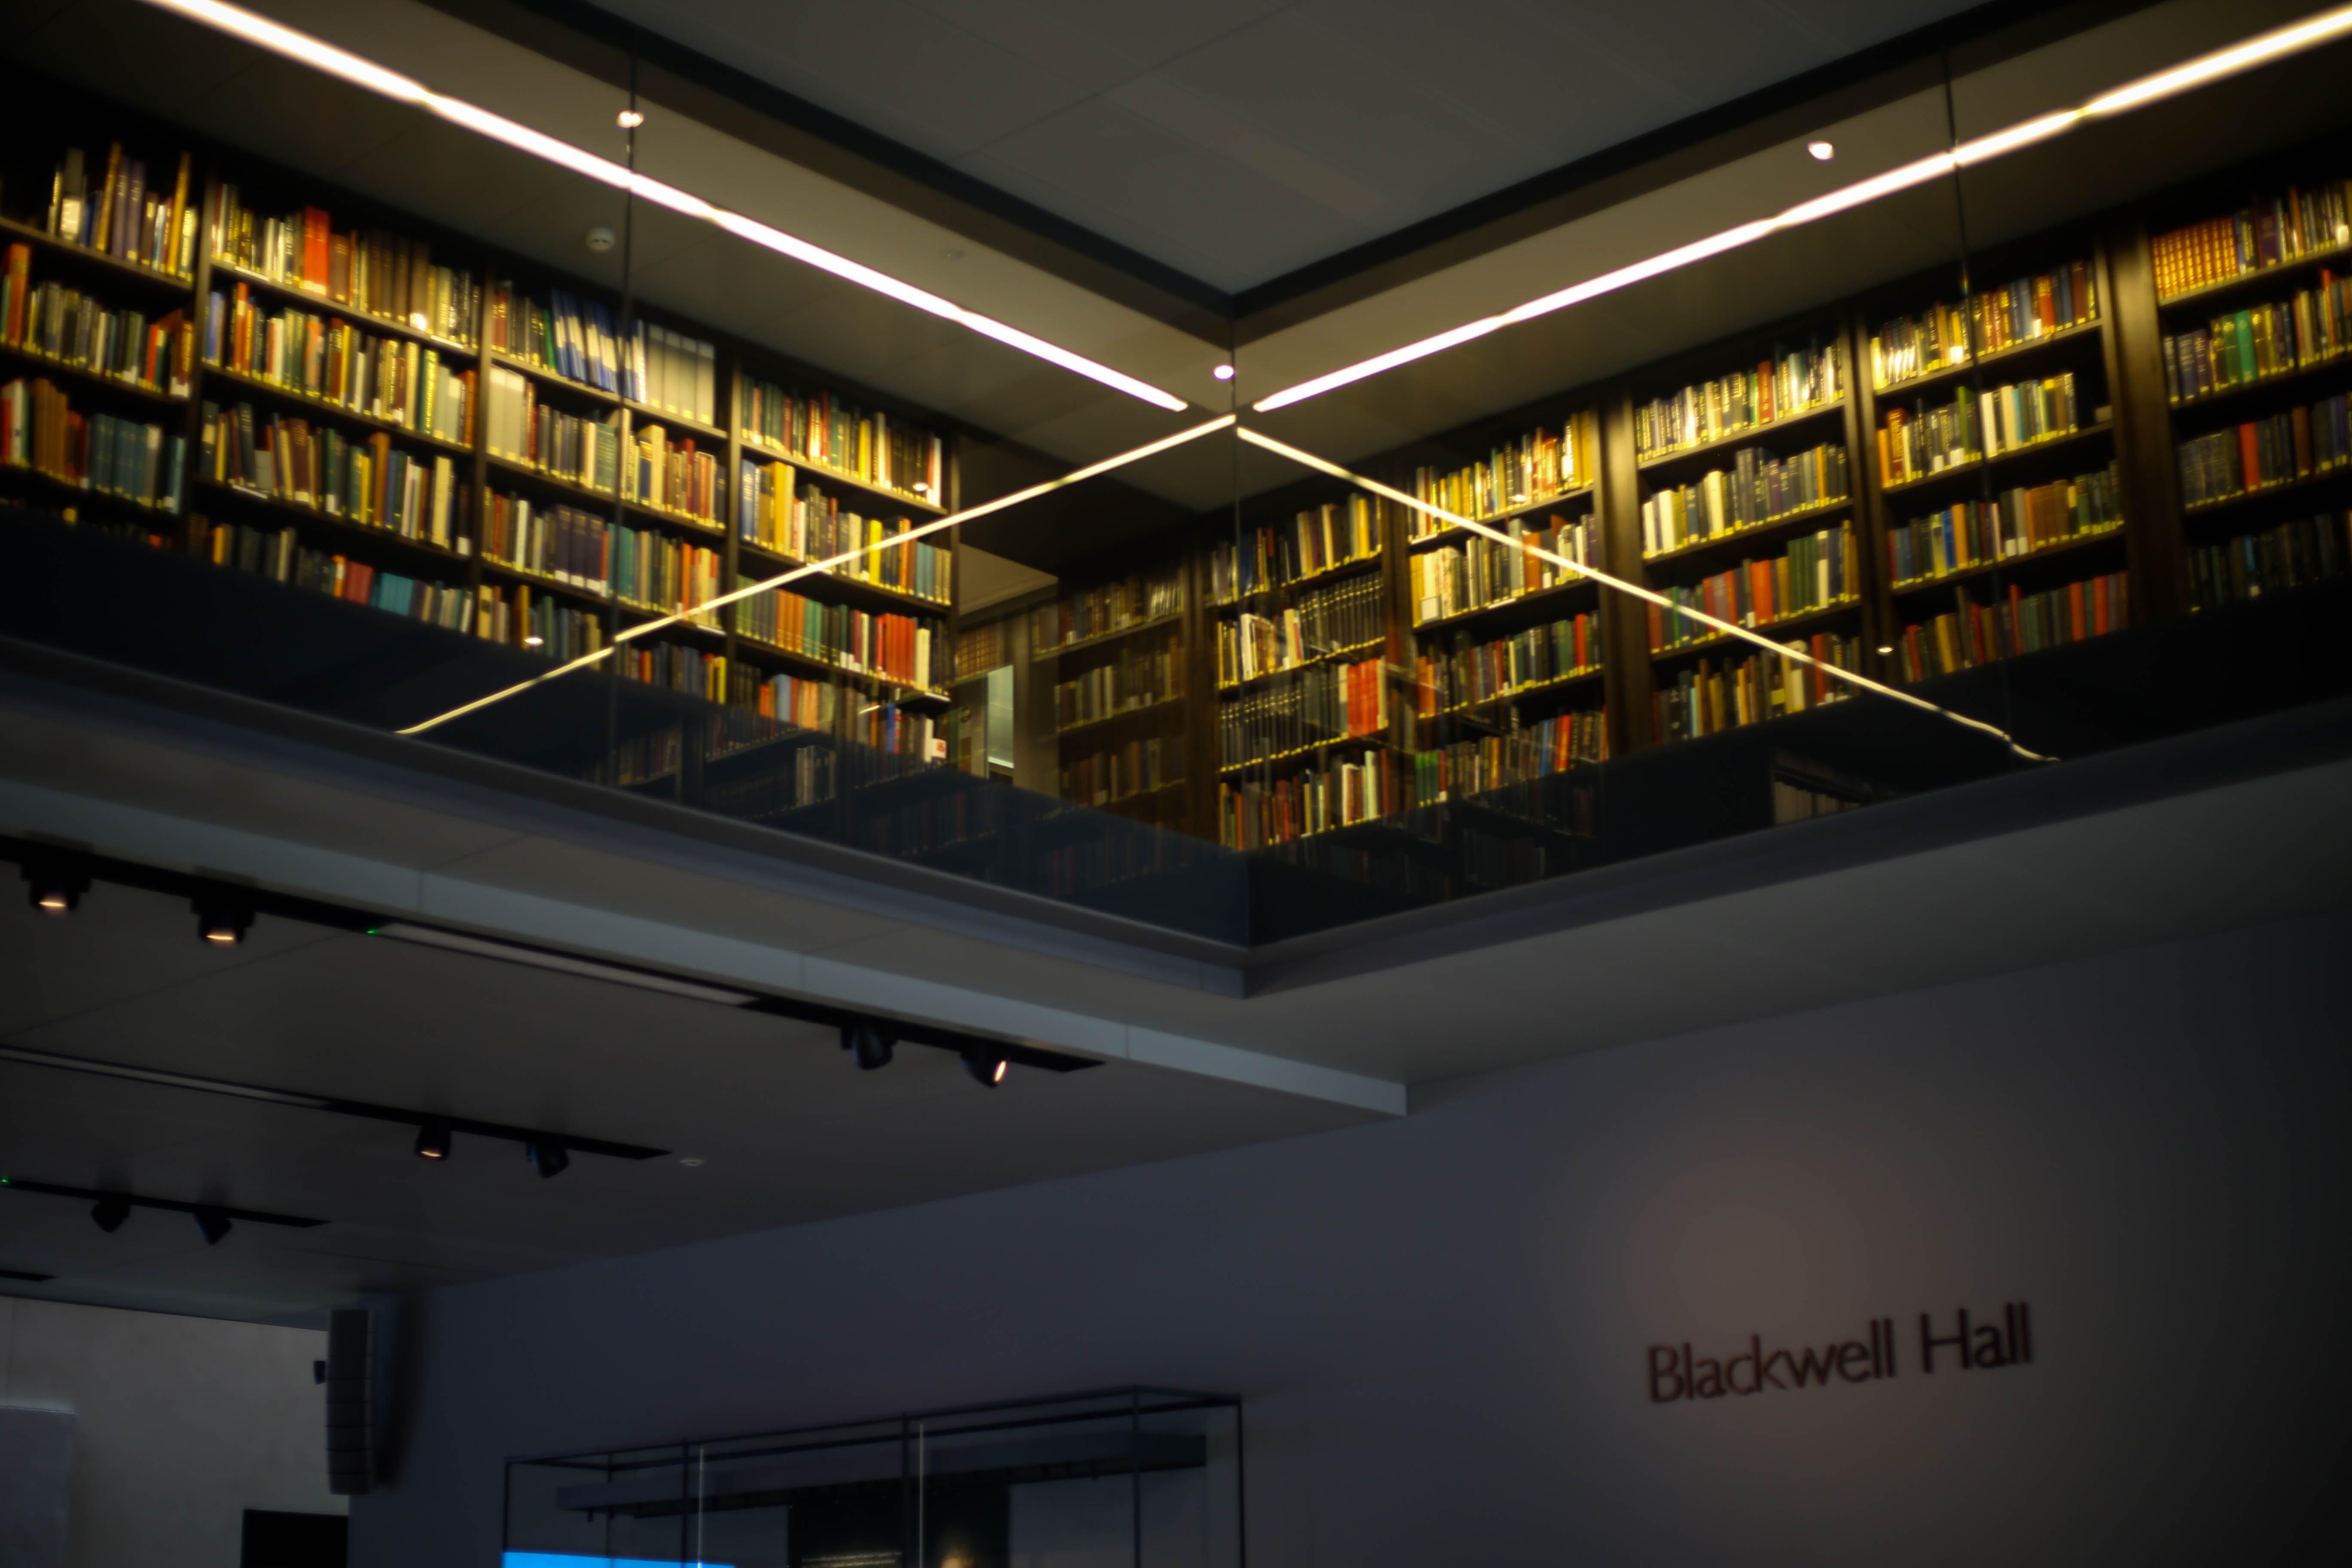 books, bookshelves, education